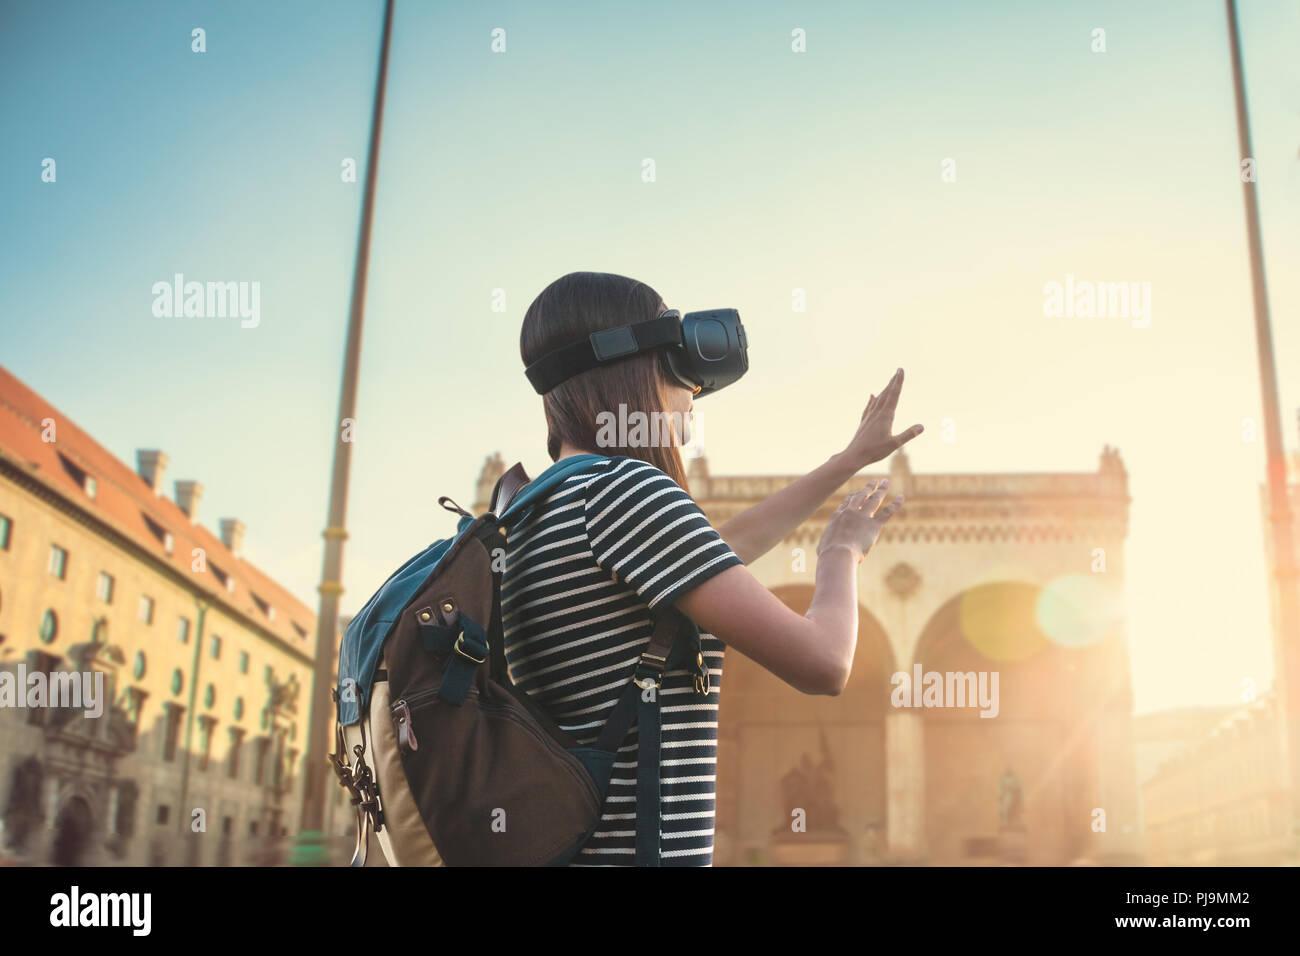 Chica turista en gafas de realidad virtual. Viaje virtual a Alemania. El concepto de turismo virtual. En el fondo es la plaza en la Leopoldstrasse en Munich. Foto de stock